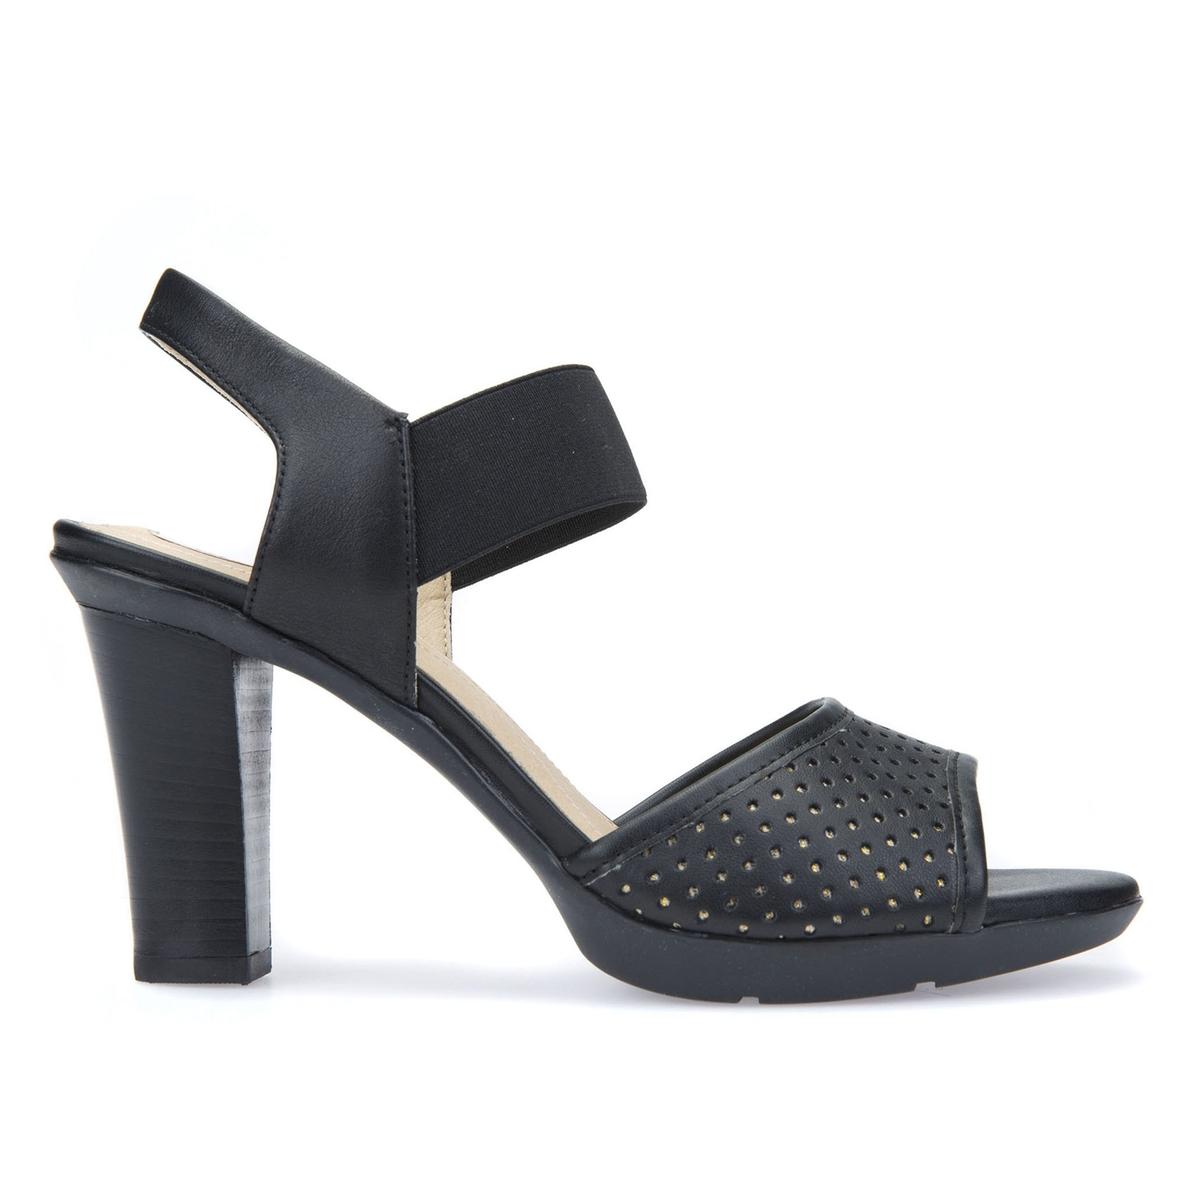 Sandalias de piel con tacón D JADALIS C